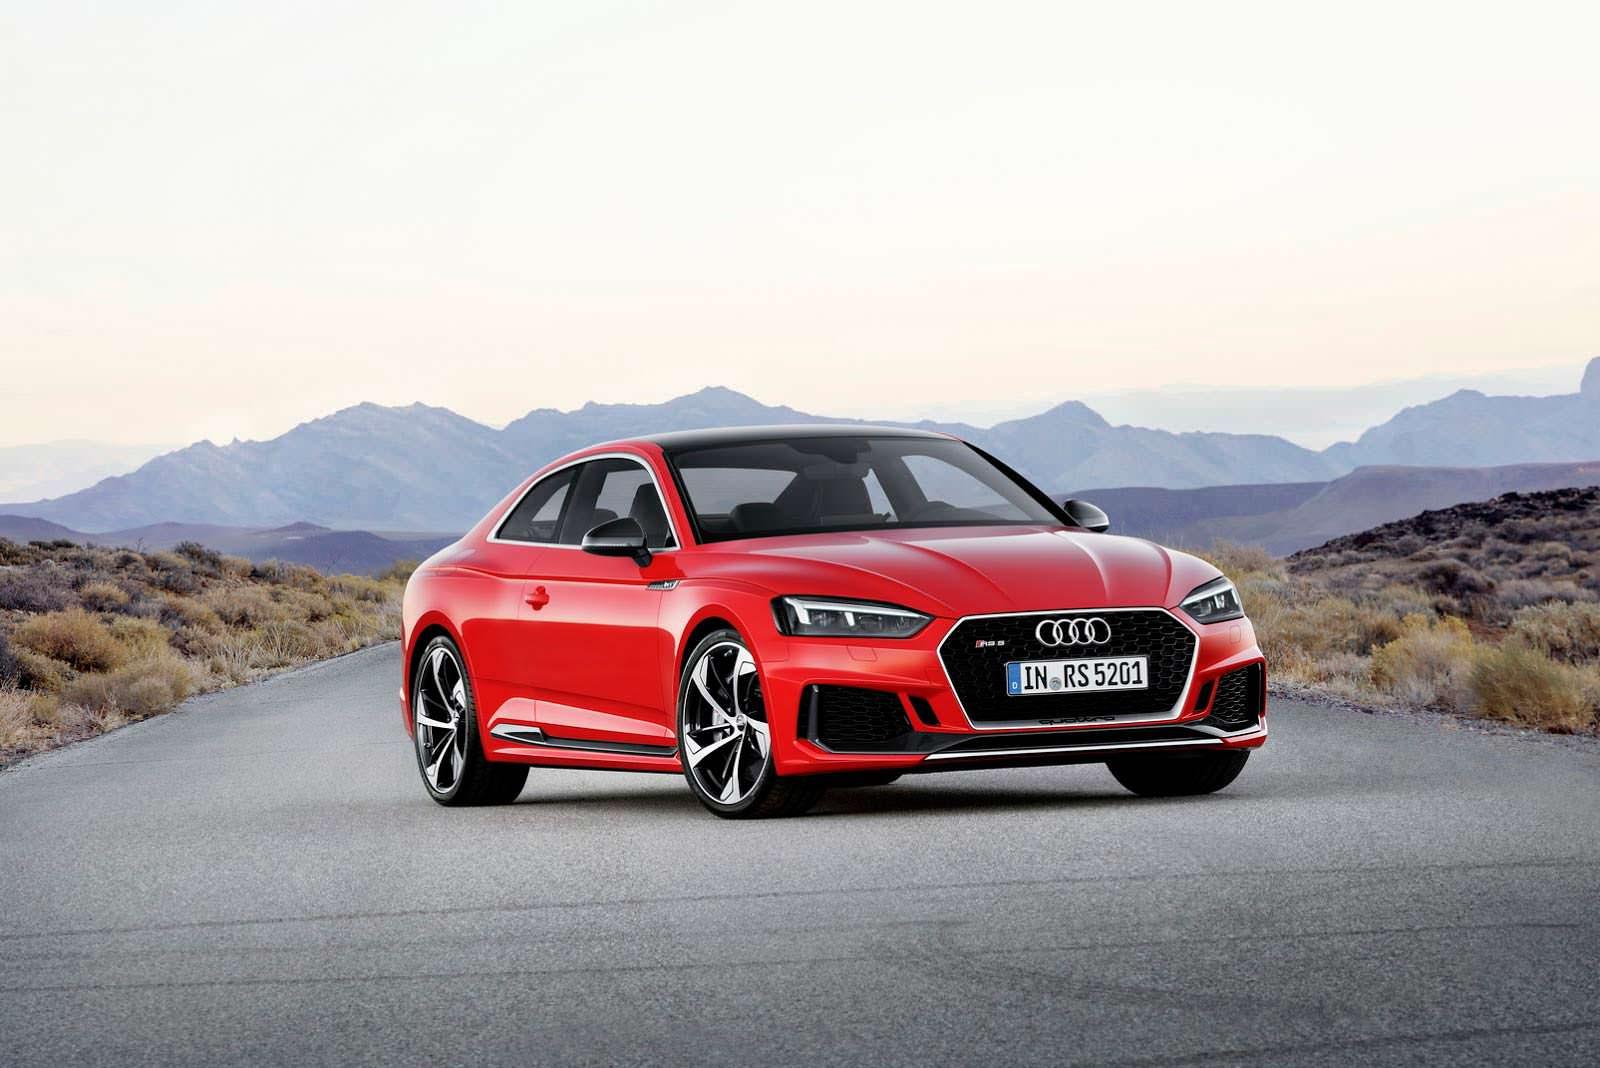 Audi RS5 второго поколения